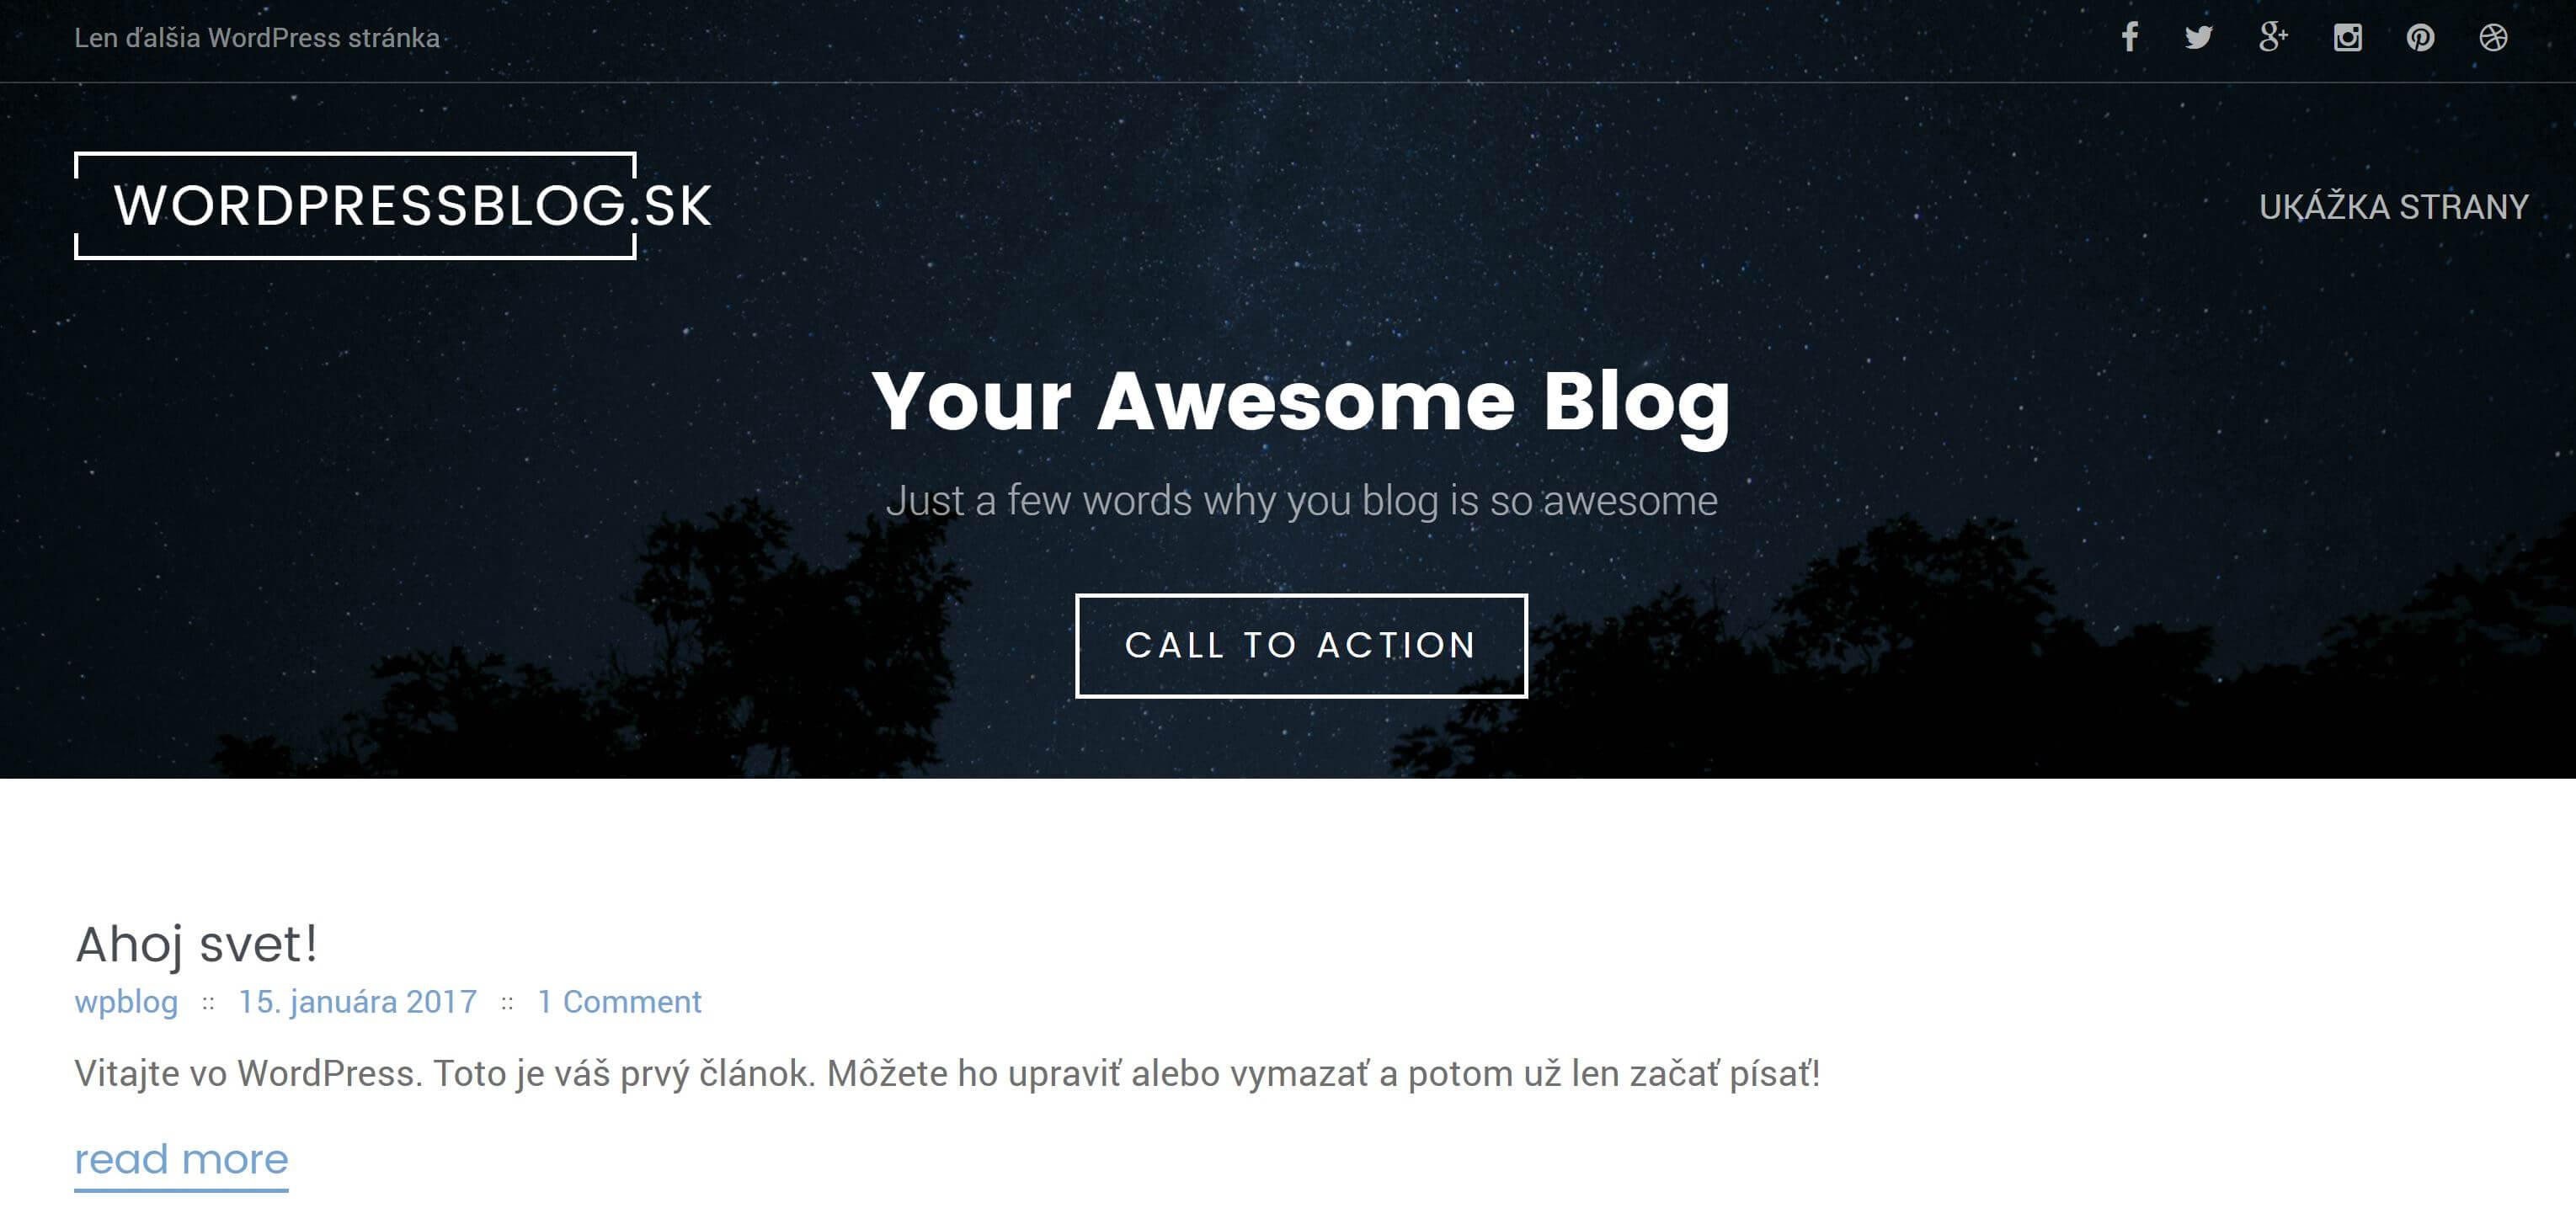 ako vytvoriť web stránku - WordPress